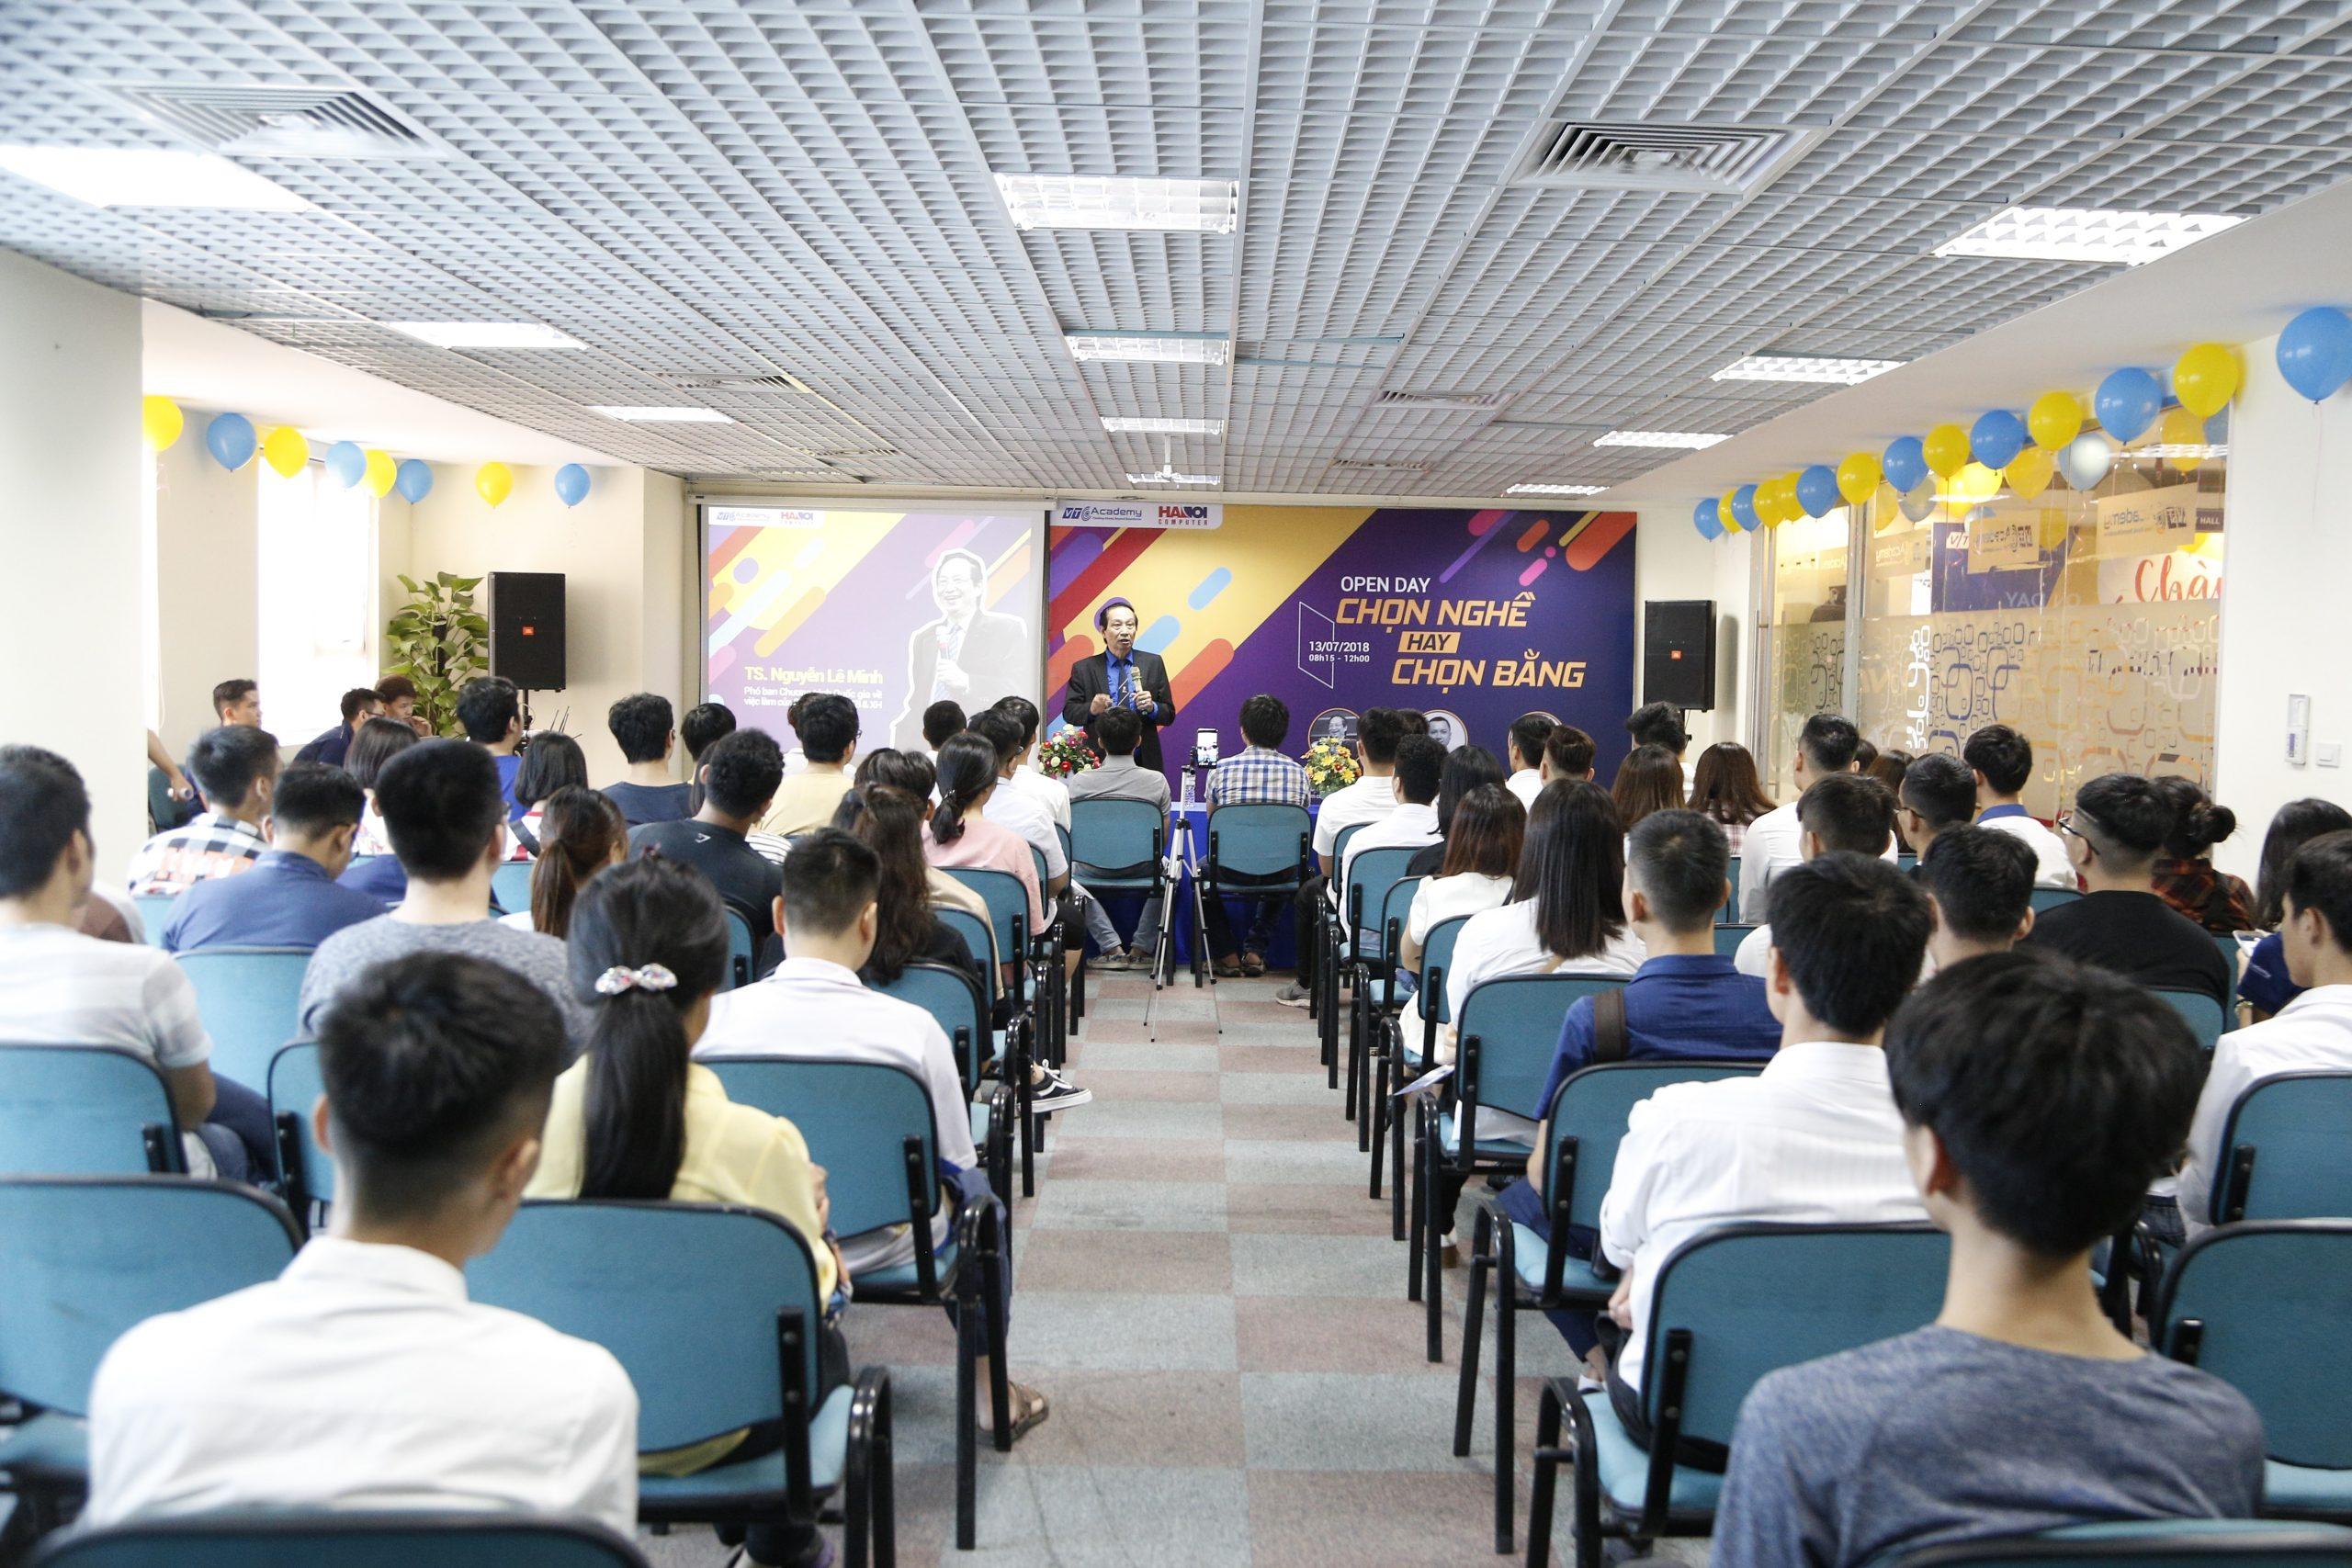 VTC Academy tổ chức ngày hội Open Day 2018 tại Hà Nội